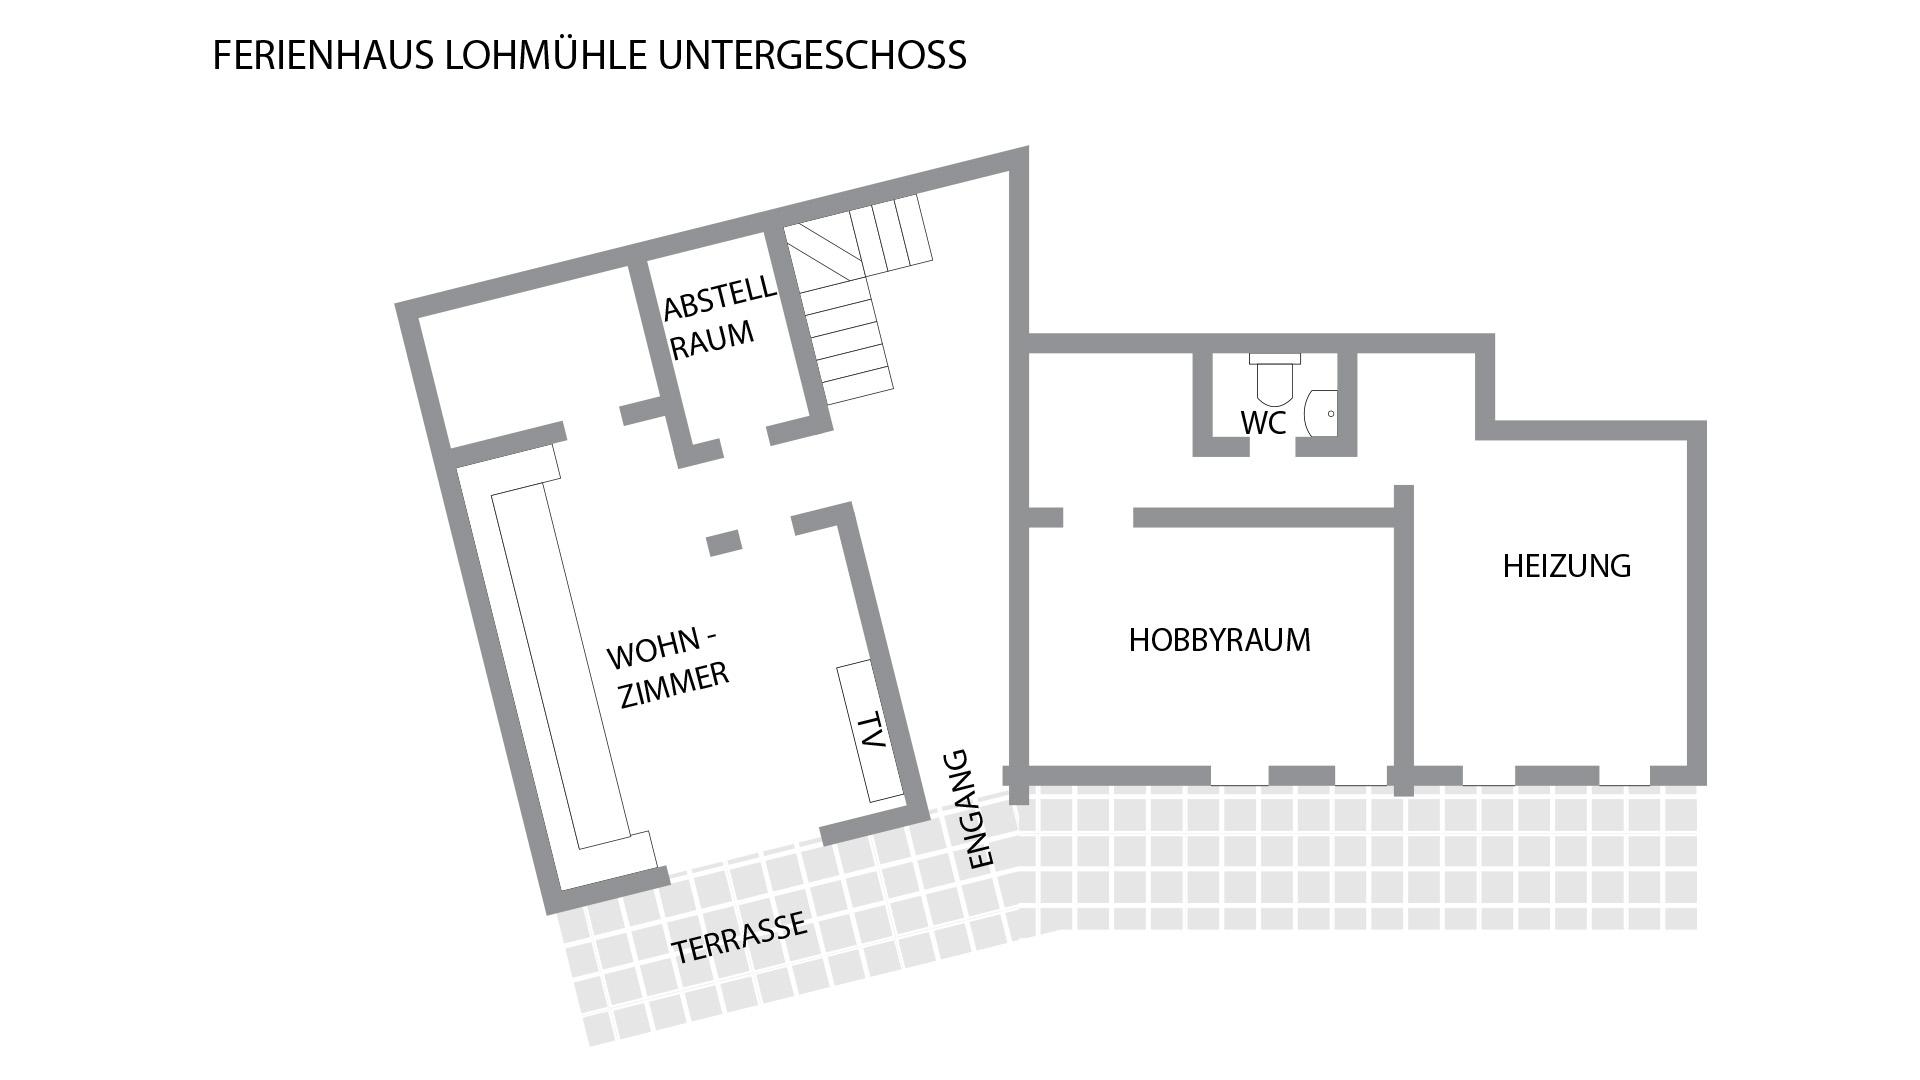 Grundriss für das Untergeschoss im Schwarzwald-Haus Lohmühle